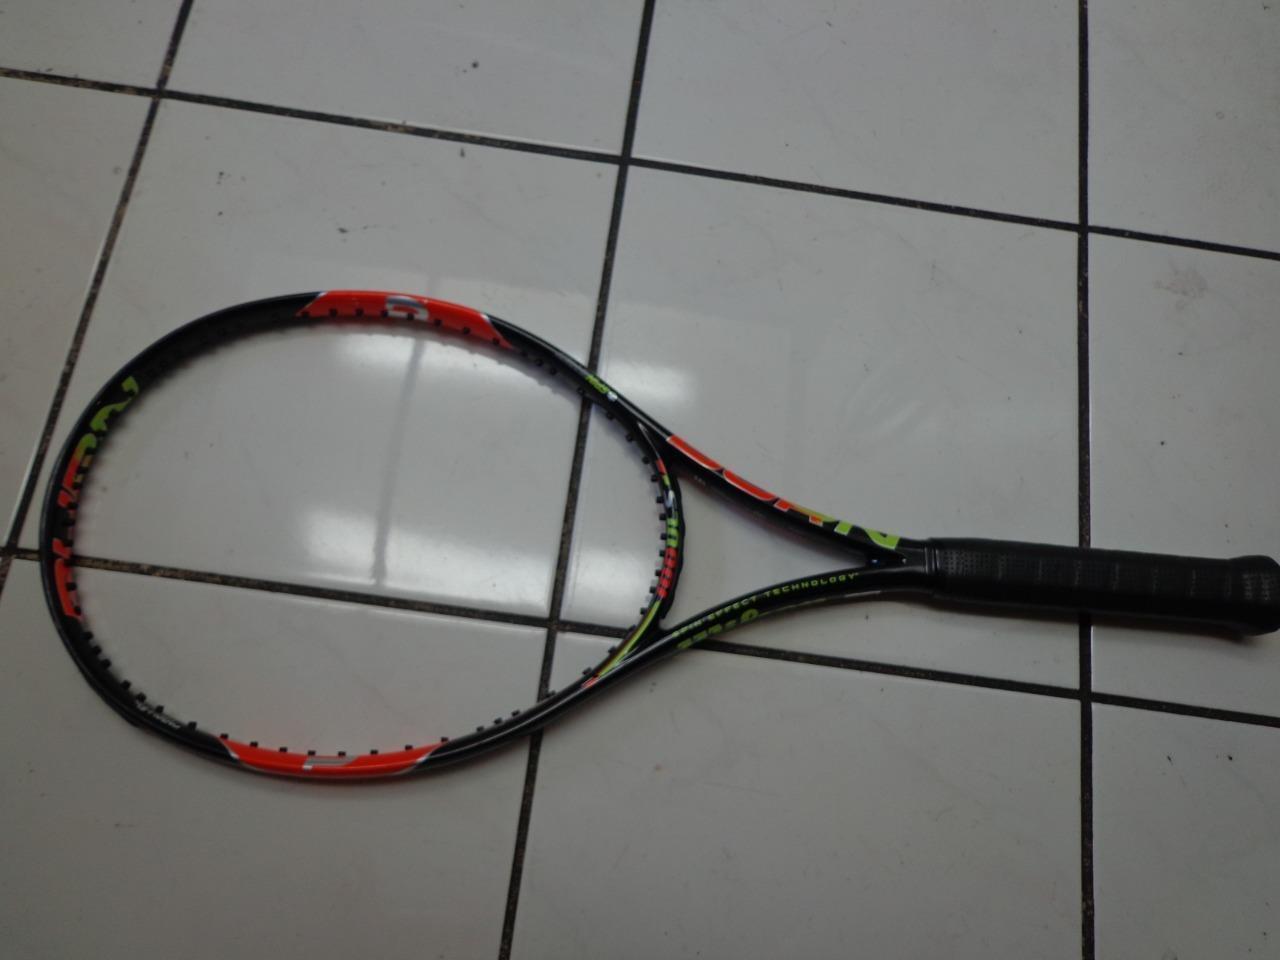 Wilson Original Burn 100ULS 18x16 4 1/2 grip Tennis Racquet